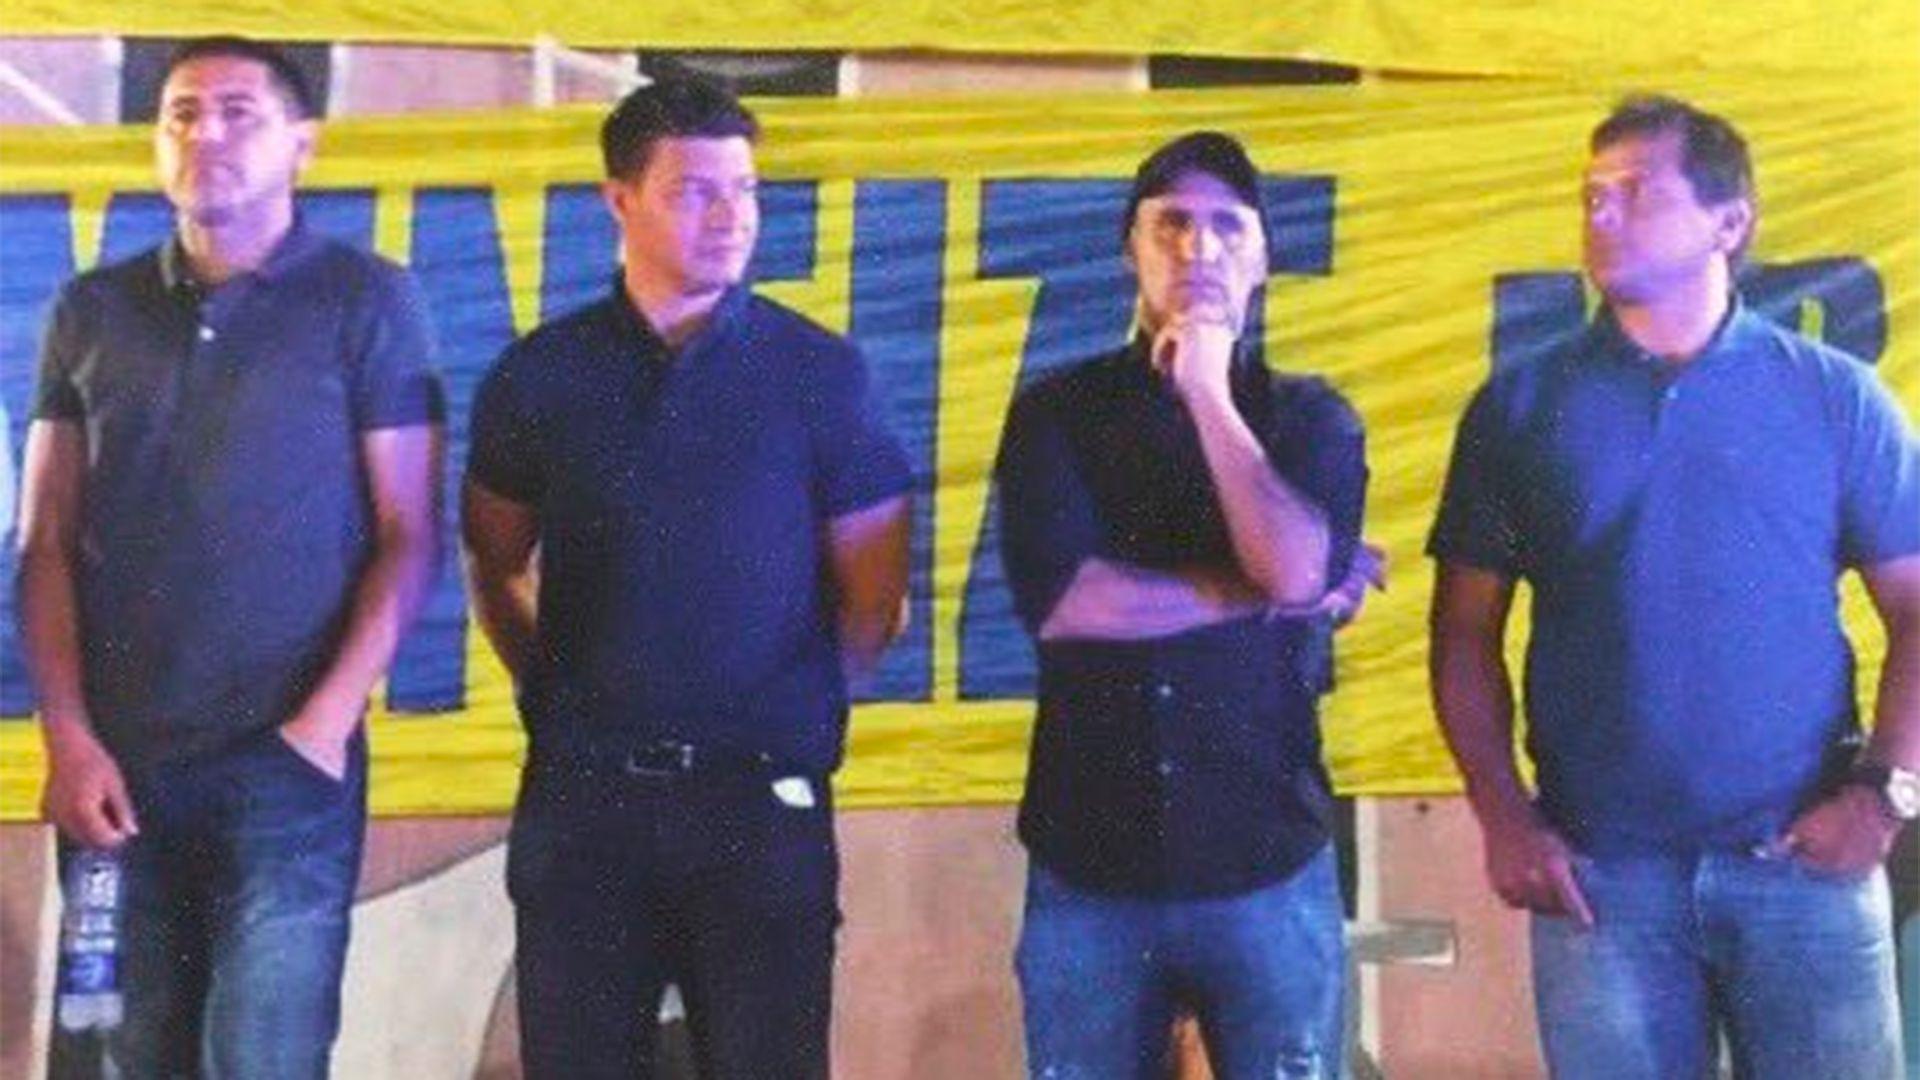 Riquelme (vicepresidente segundo), Battaglia (DT de la Reserva), Cascini y Delgado (miembros del Consejo de Fútbol al igual que Bermúdez)